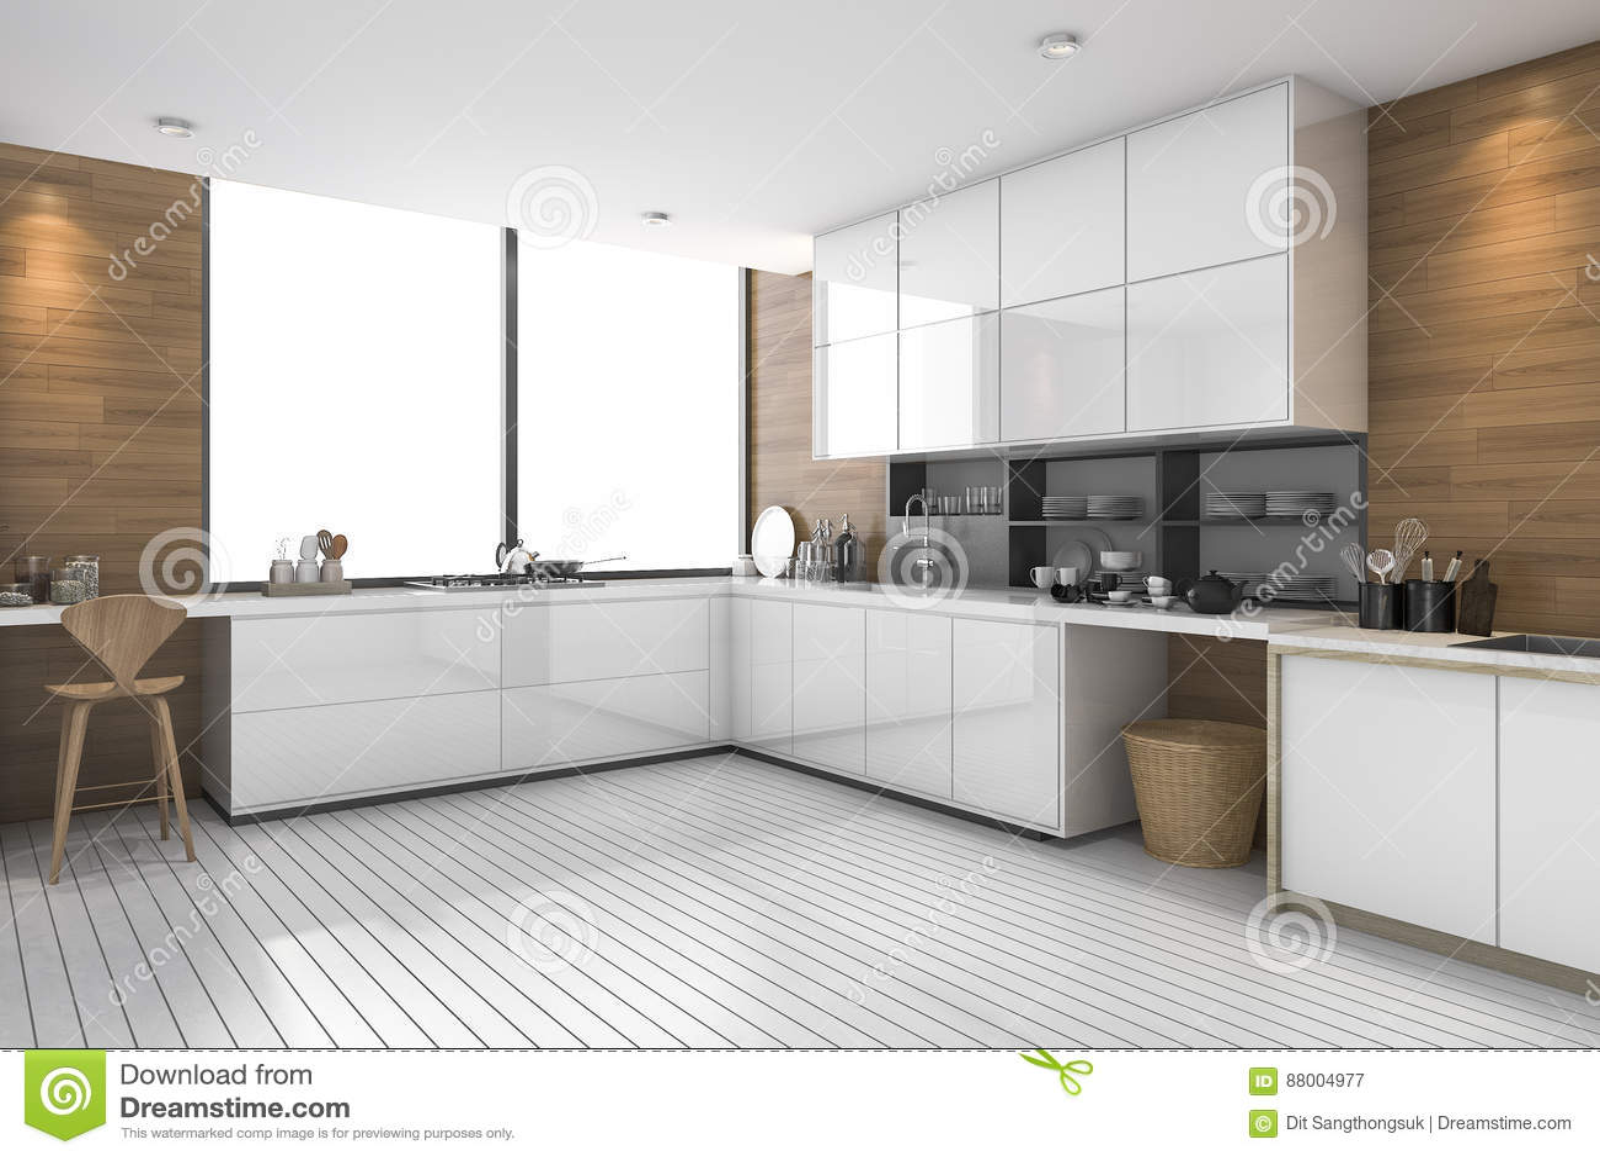 3d Que Rinde La Cocina étnica Moderna Blanca Con El Diseño De Madera ...